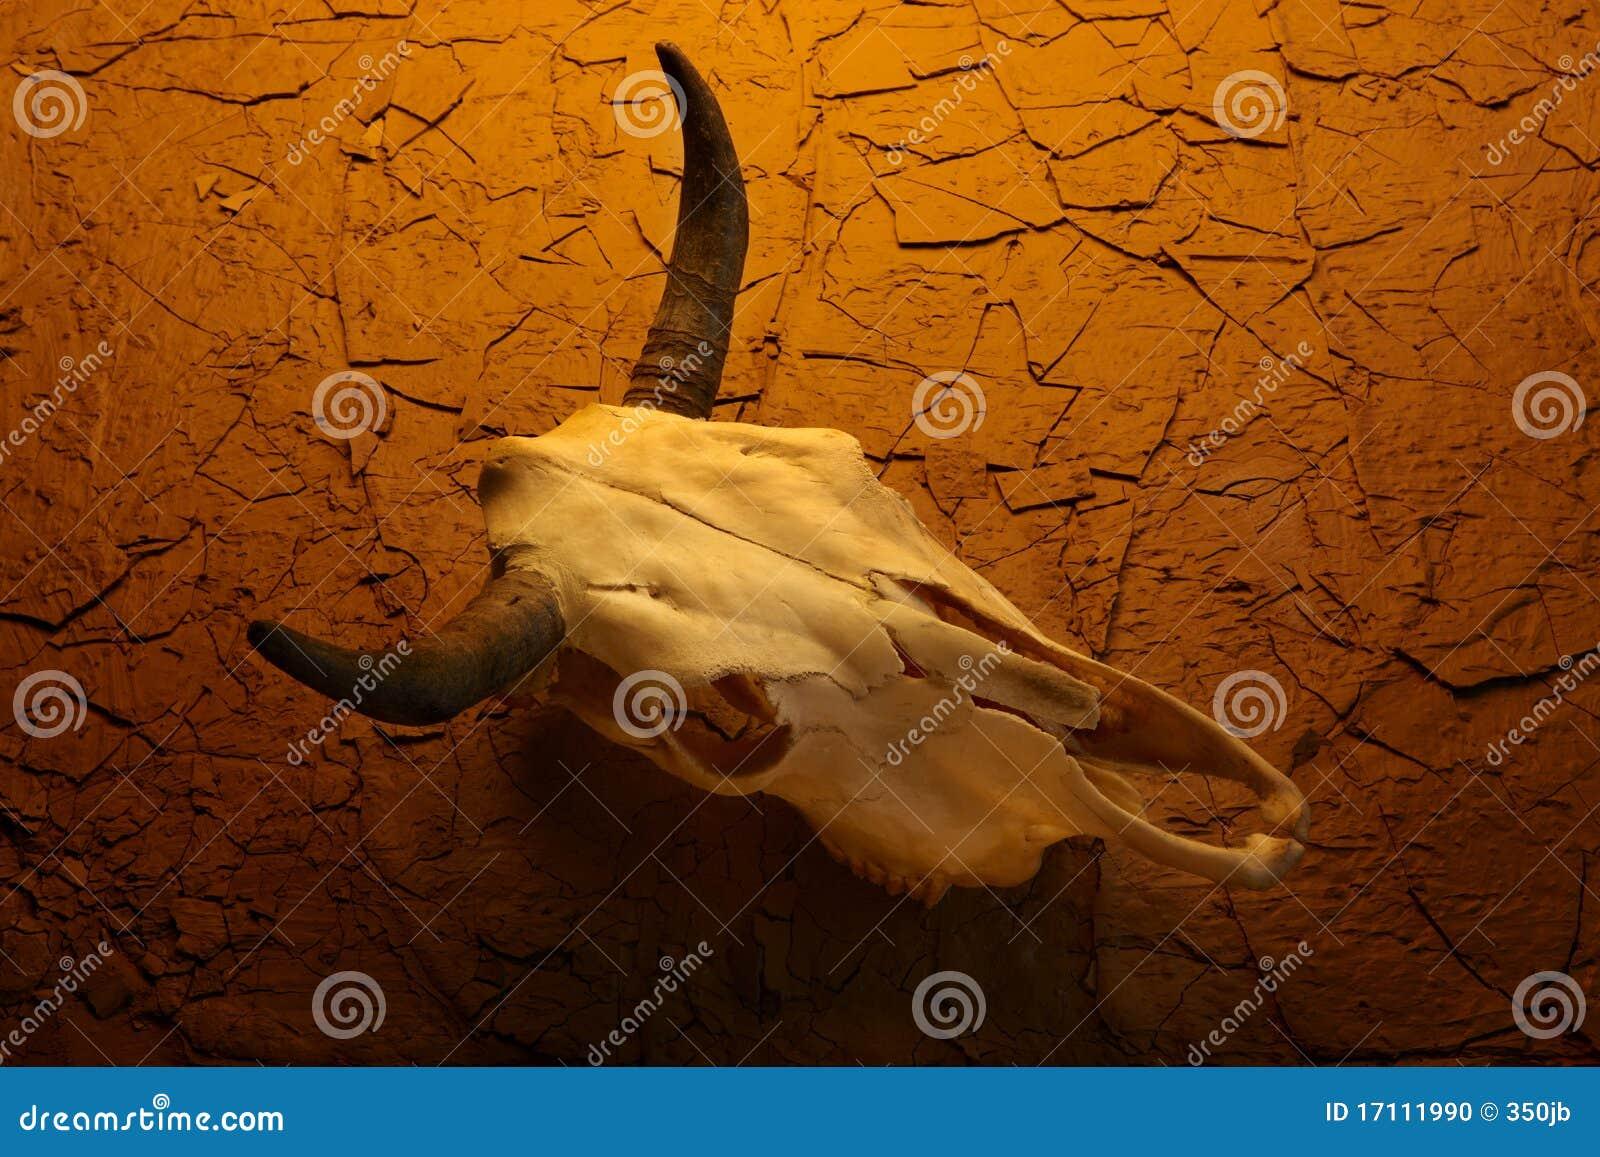 cow skull and desert - photo #5